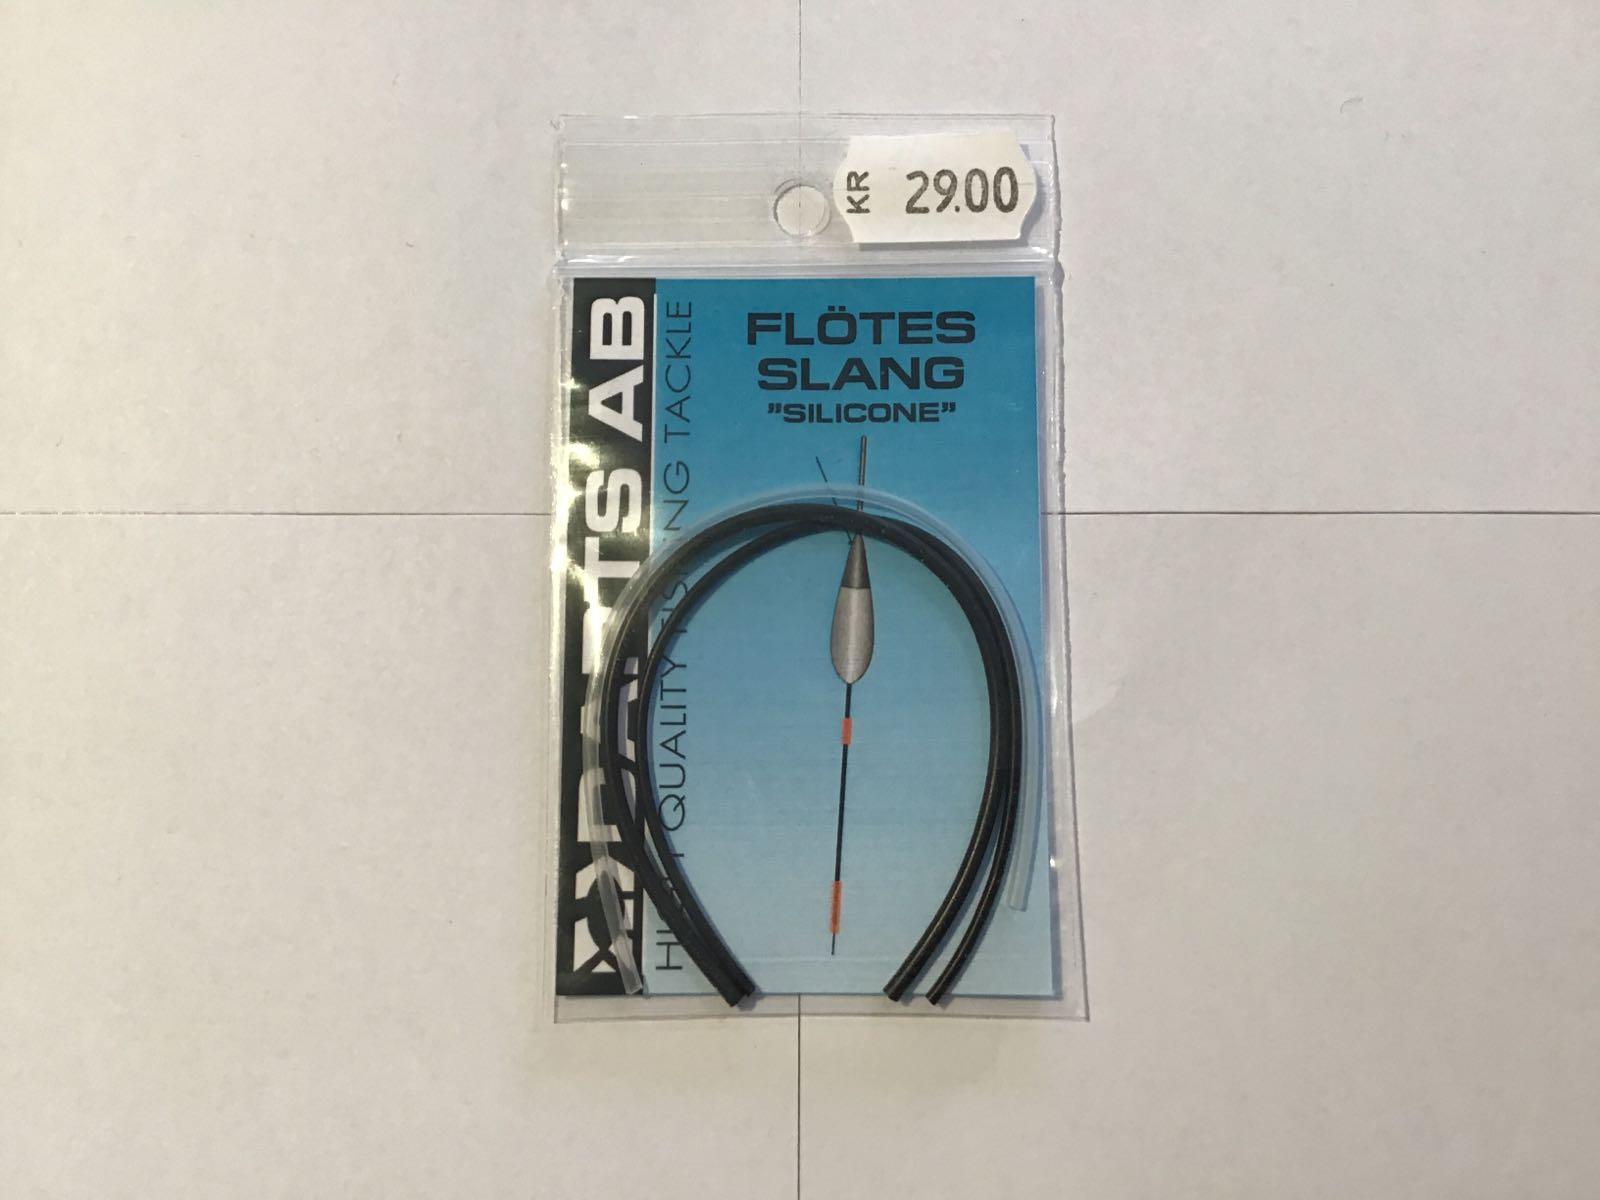 Darts flötes slang silicone